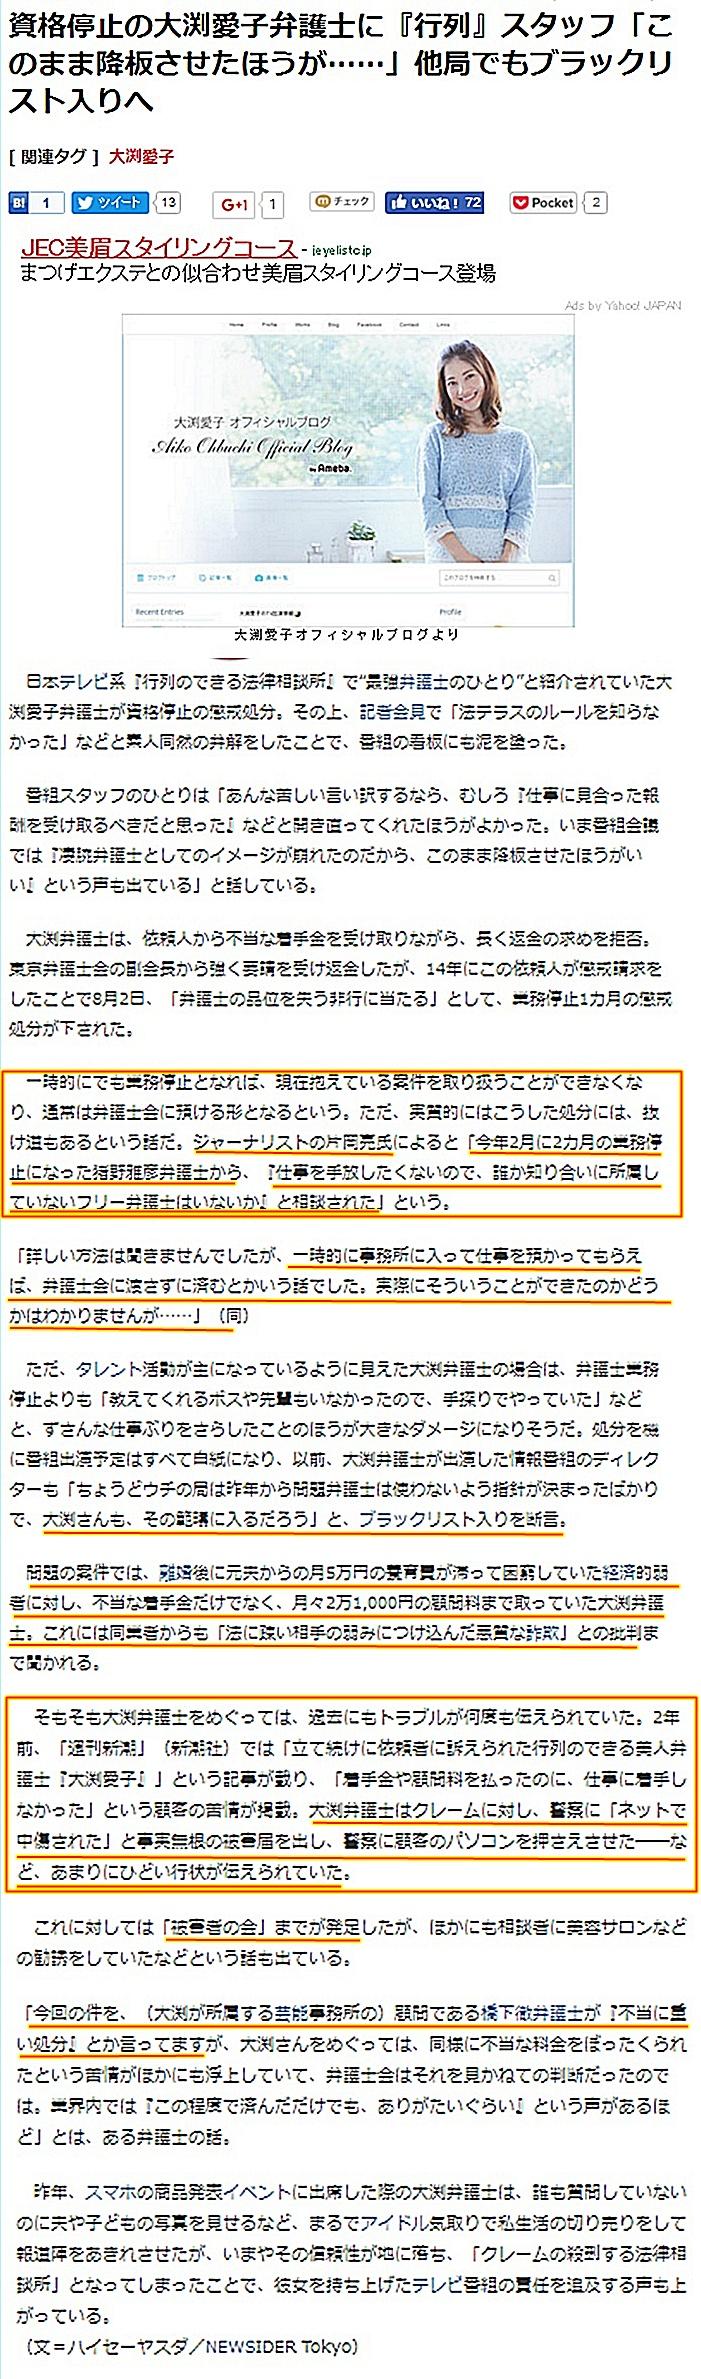 大渕愛子弁護士 懲戒処分 弁護士法違反